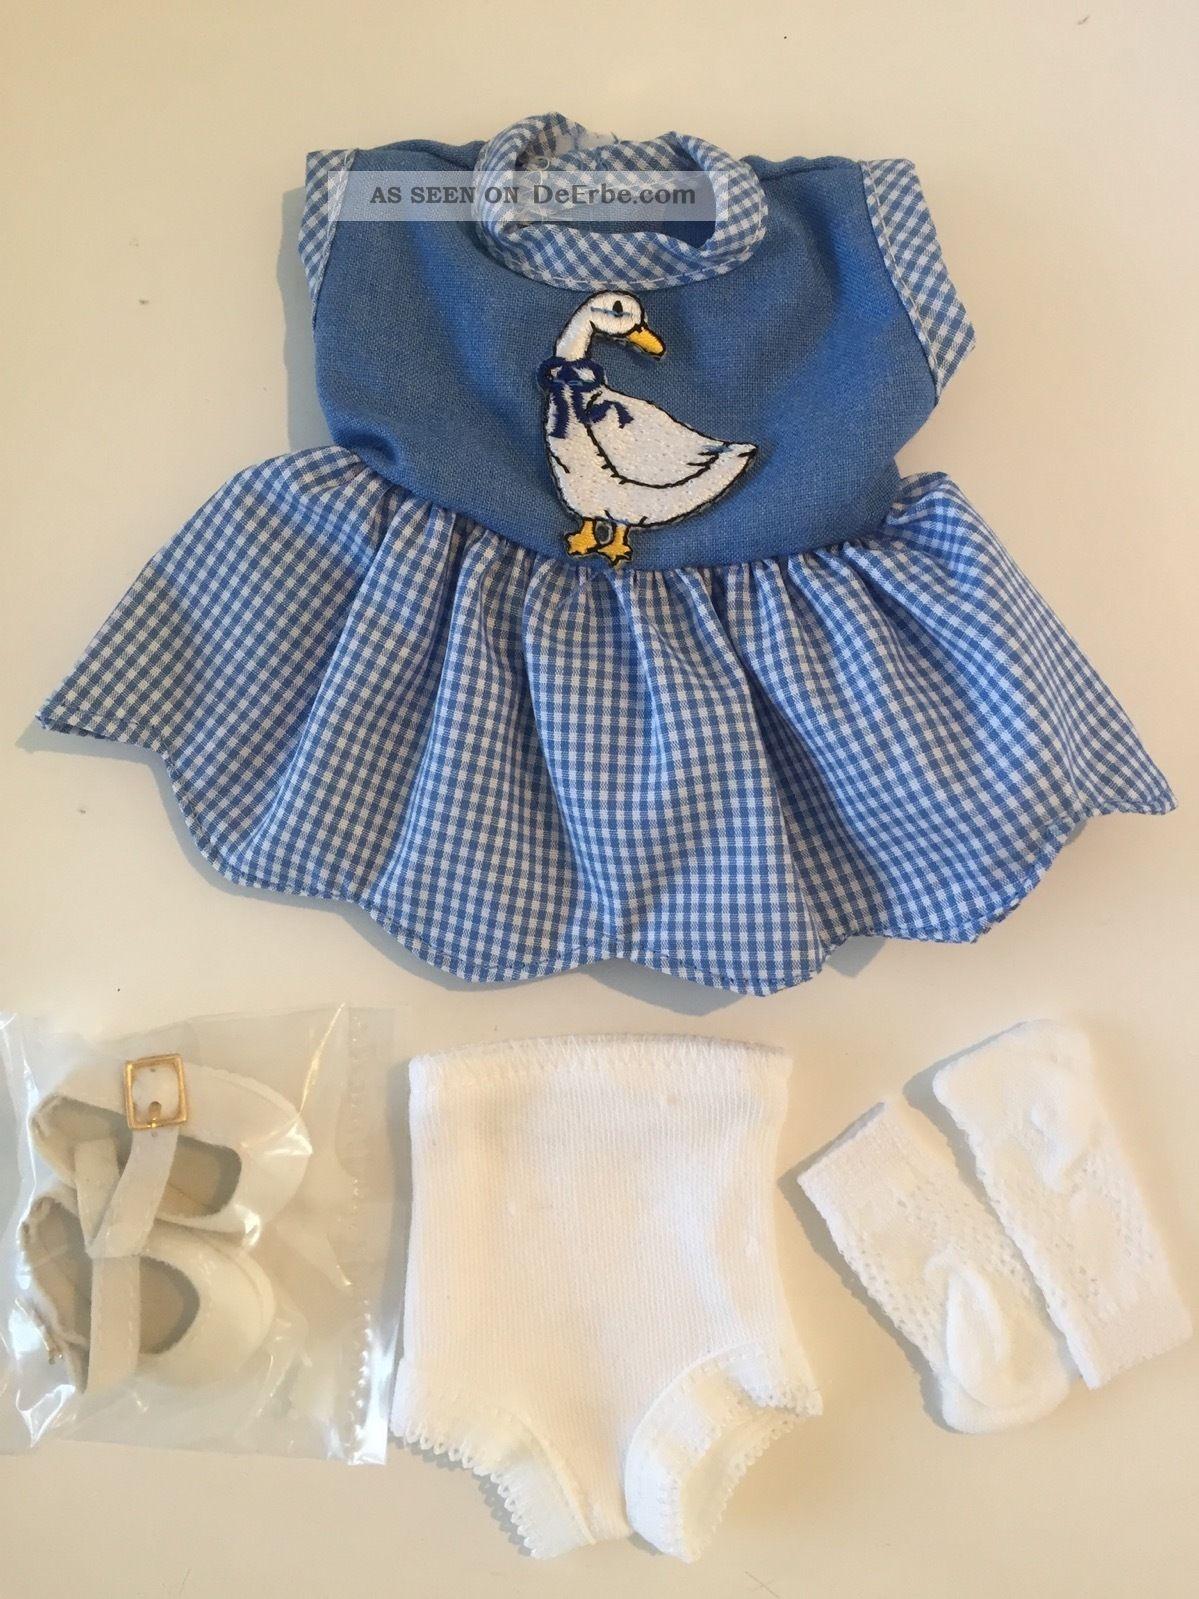 Schildkröt Puppenkleid Blau - Weiß Mit Gans,  Kariert,  4 - Teilig Nostalgieware, nach 1970 Bild